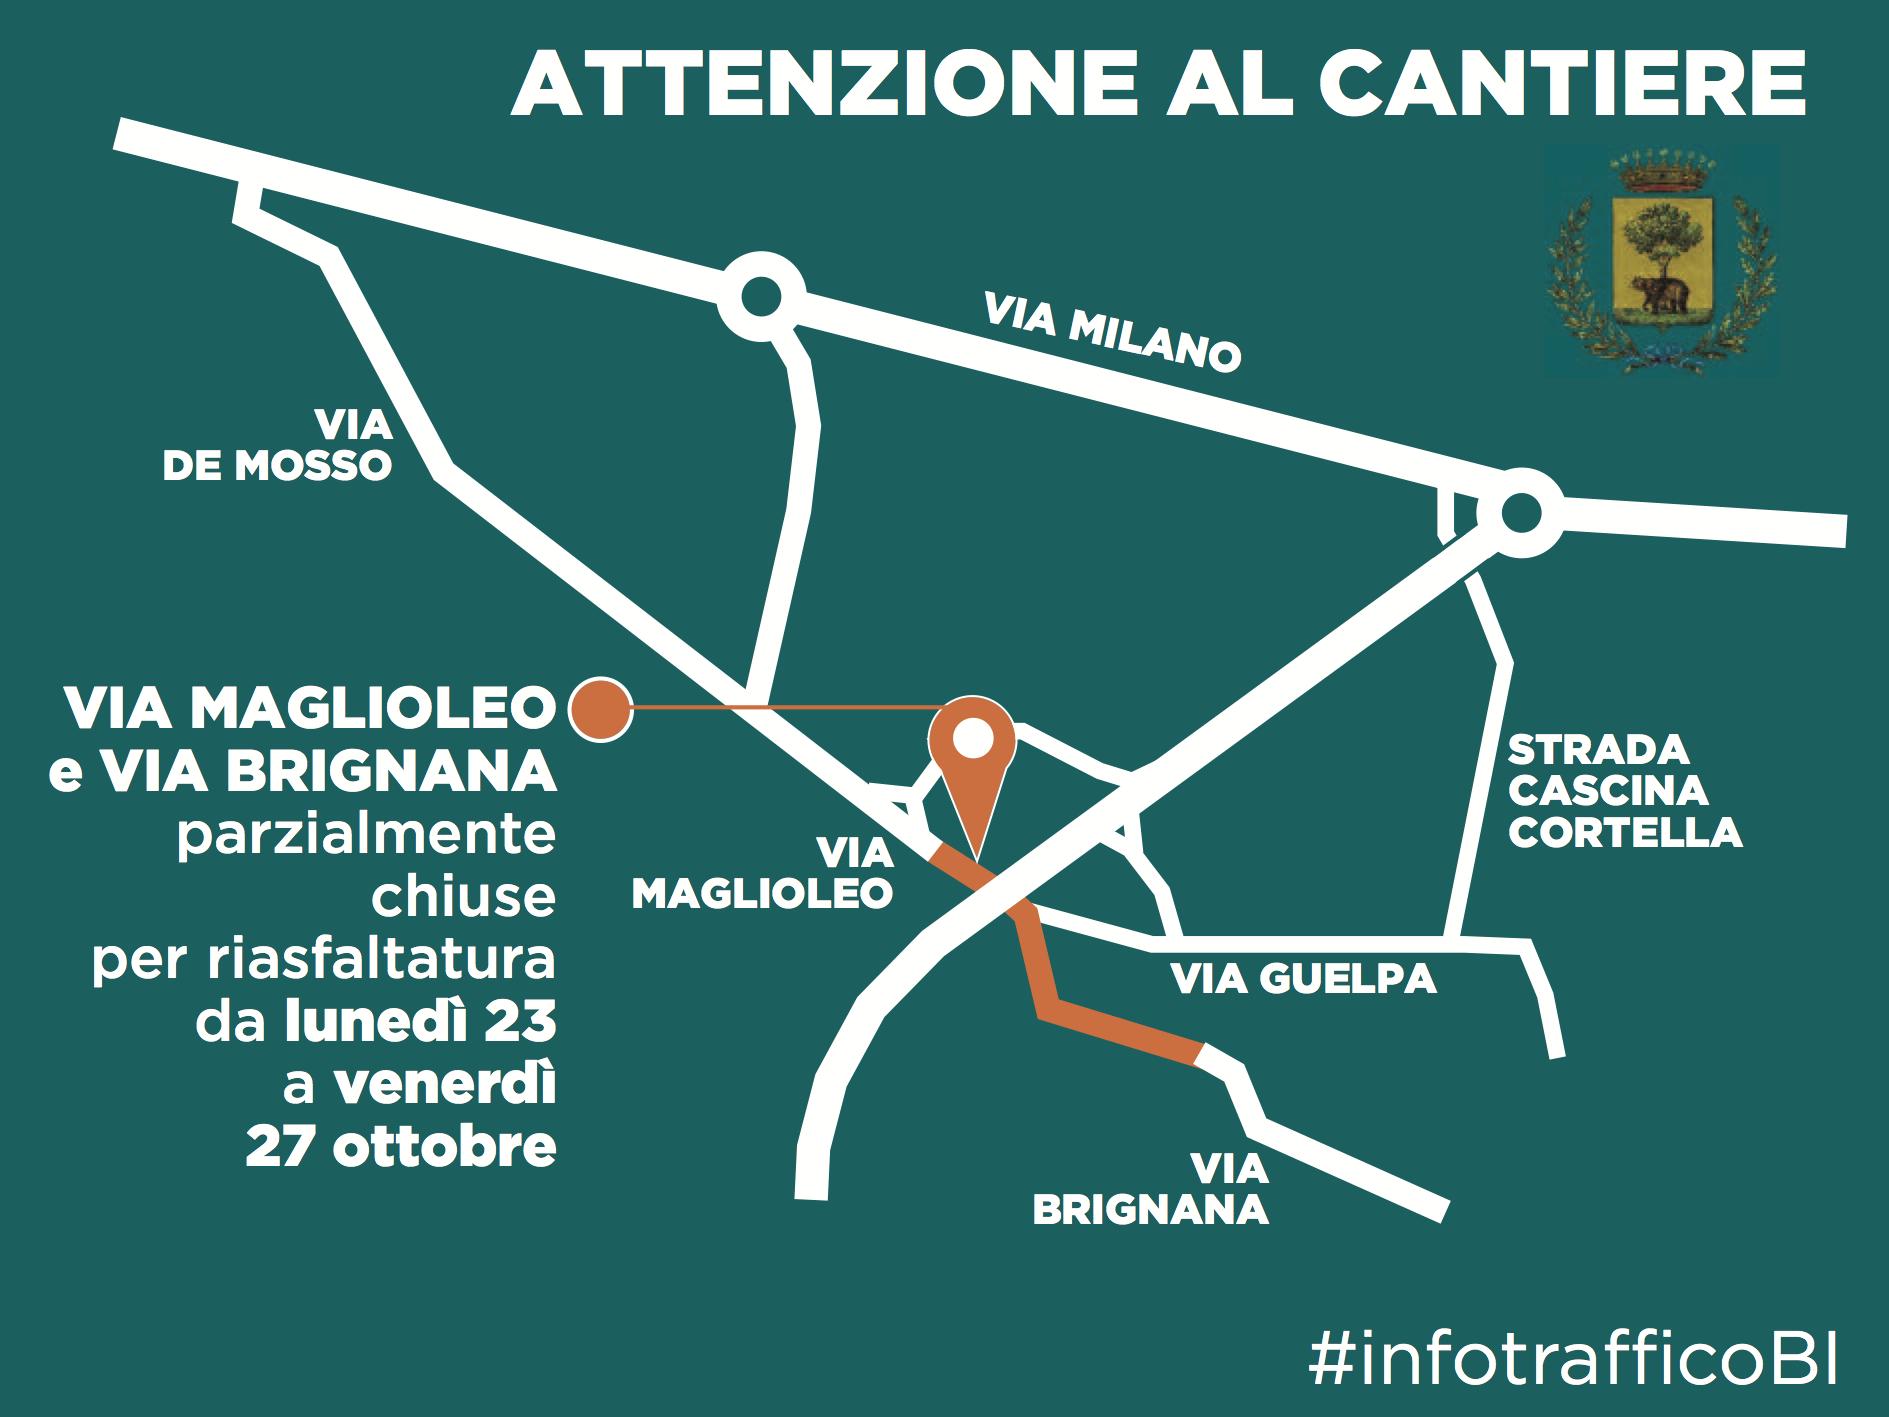 La mappa della chiusura in via Maglioleo e via Brignana